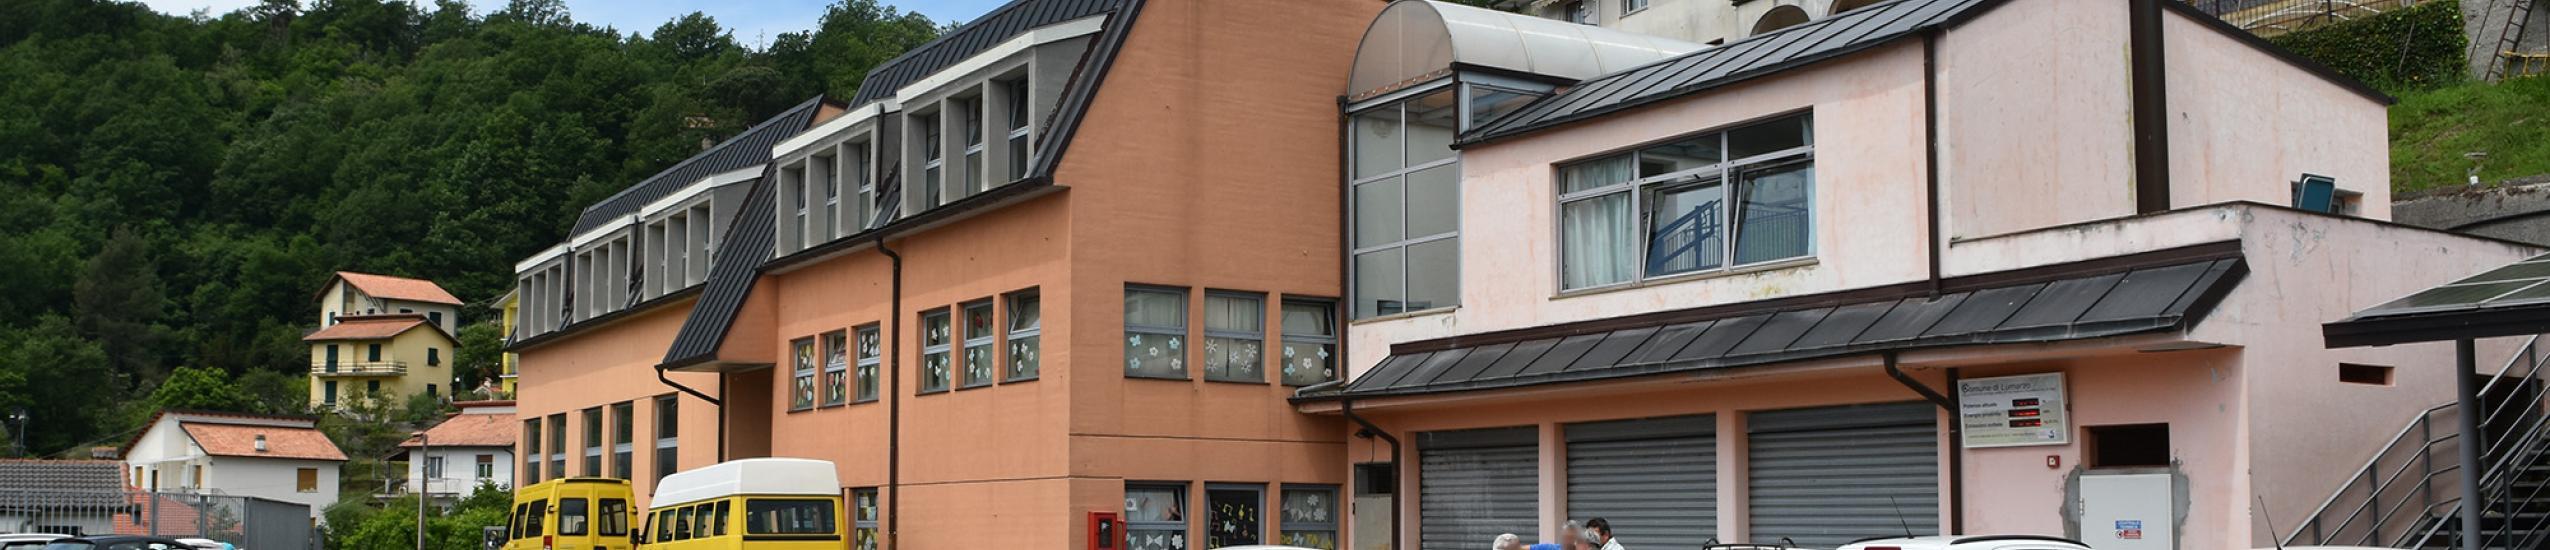 Il parcheggio adiacente all'edificio scolastico